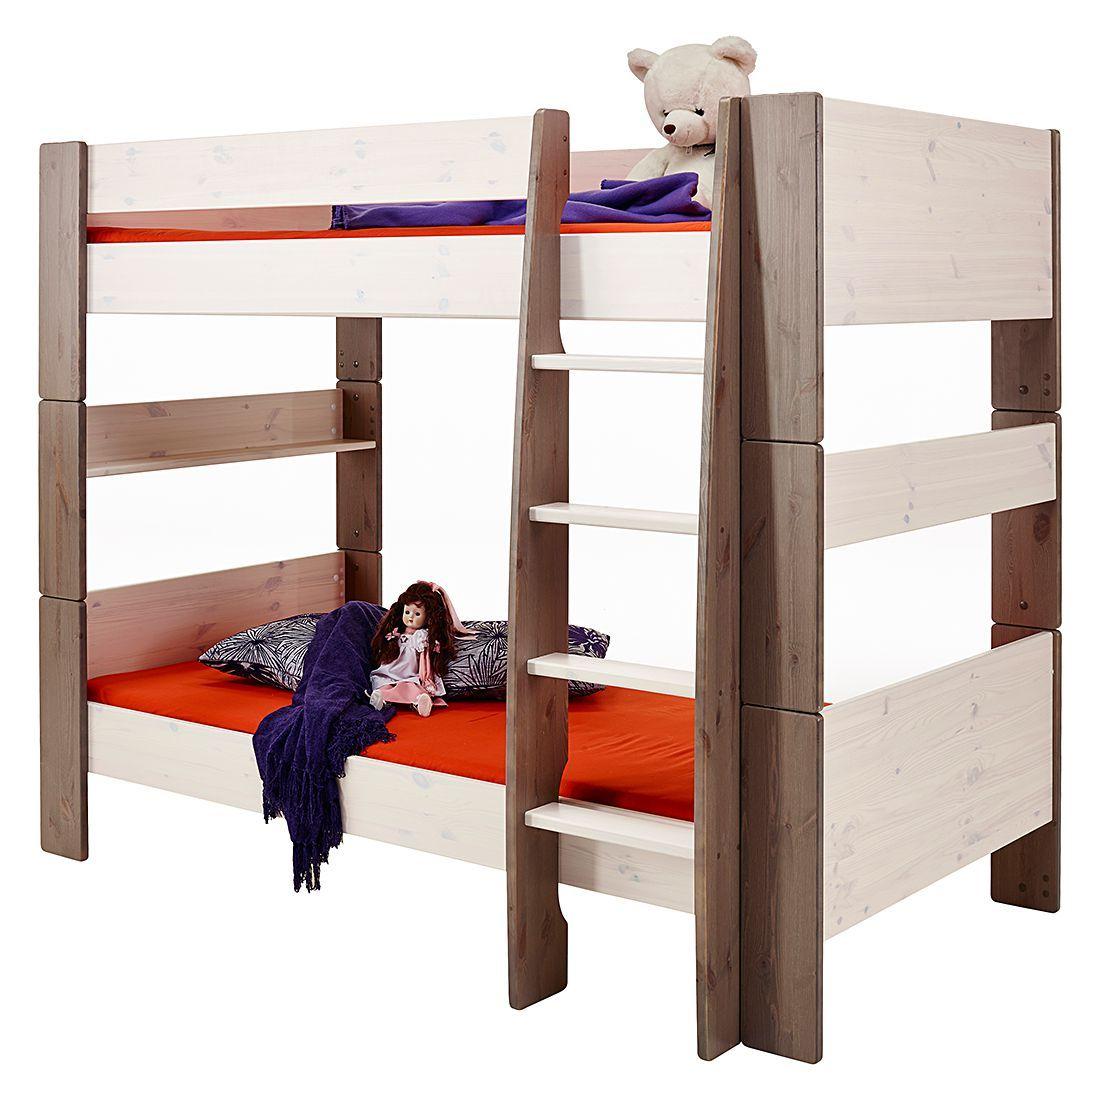 etagenbett steens for kids kiefer massiv white washstone steens jetzt bestellen - Coolste Etagenbetten